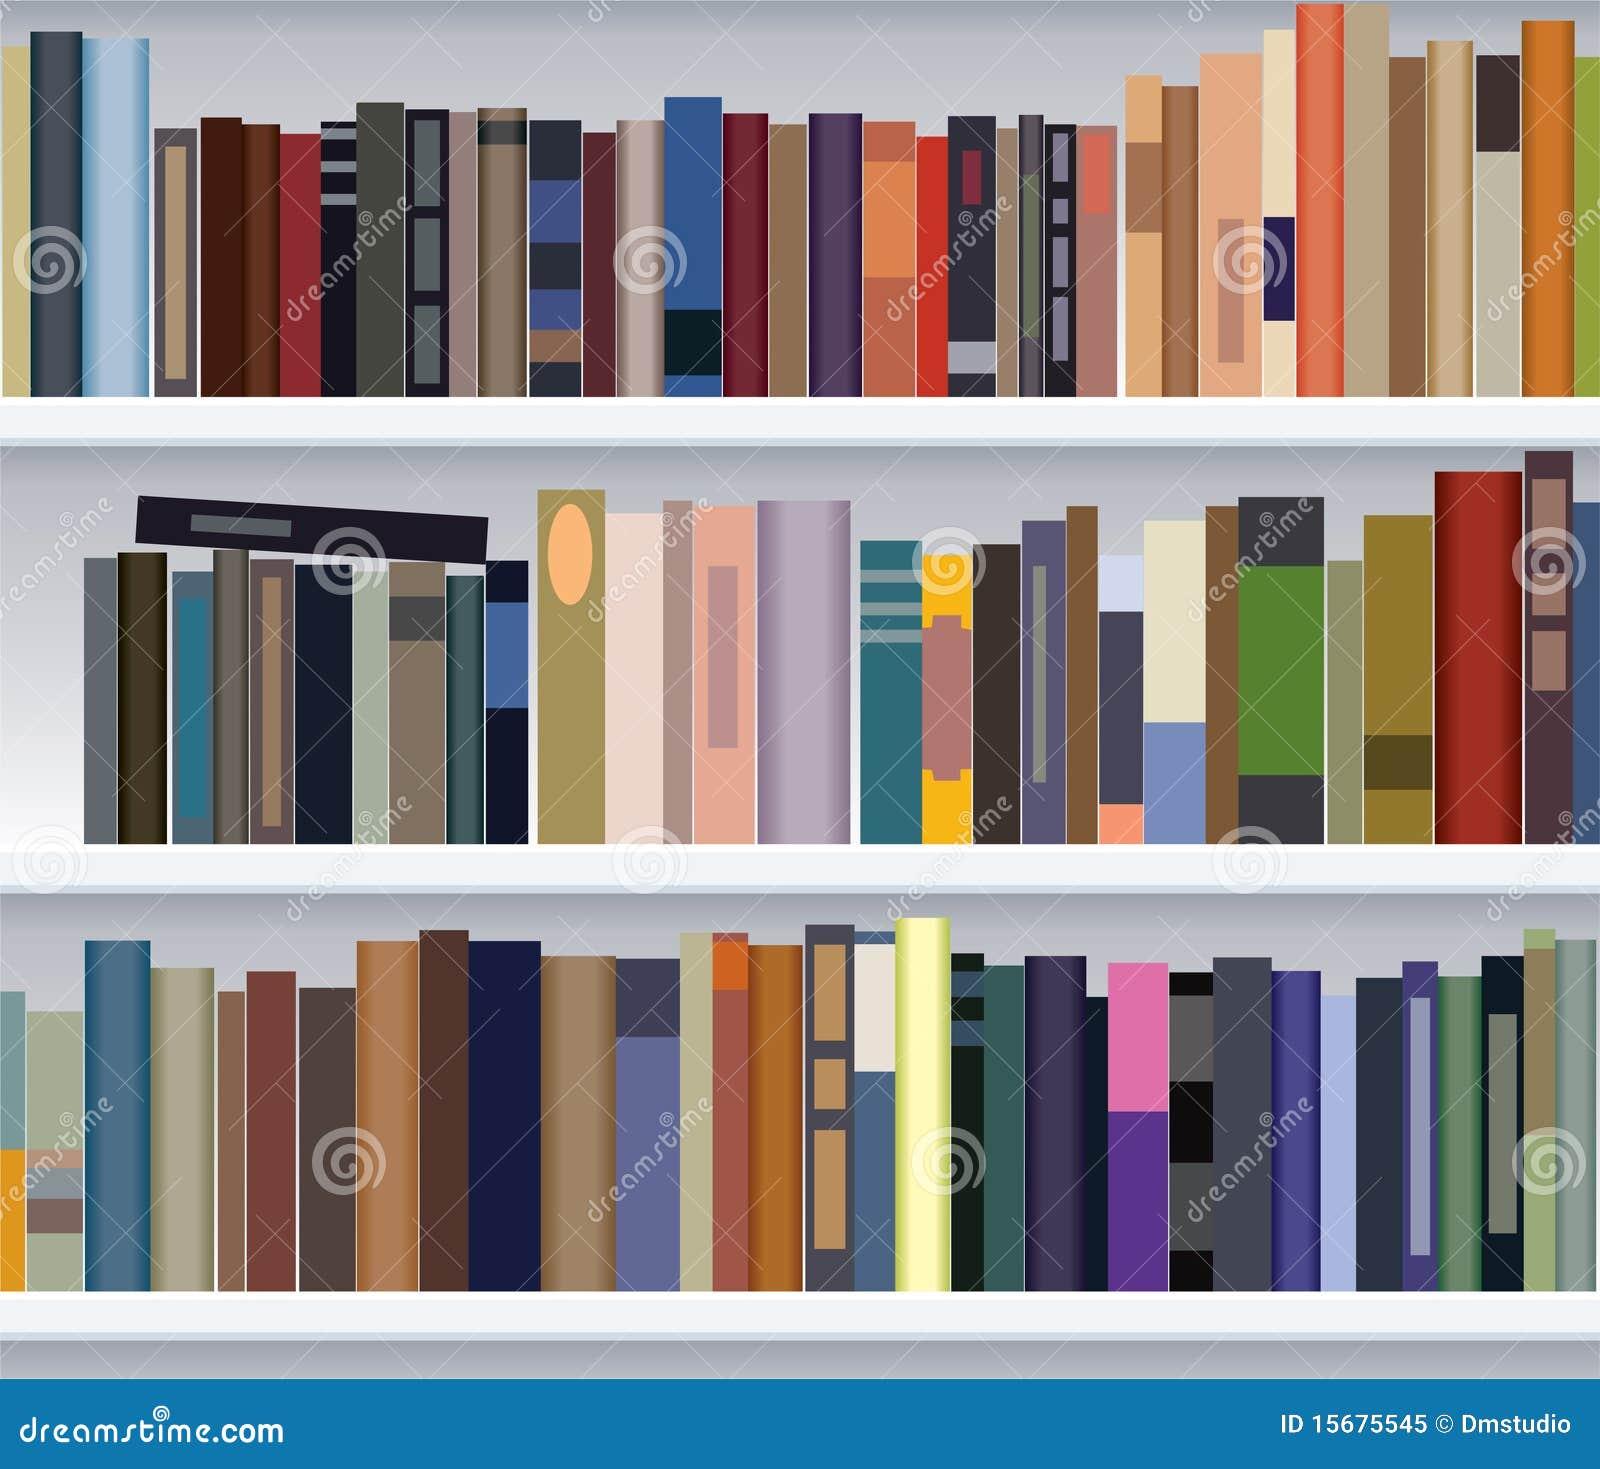 Bücherregal clipart schwarz weiß  Bücherstapel Clipart Schwarz Weiß | ambiznes.com